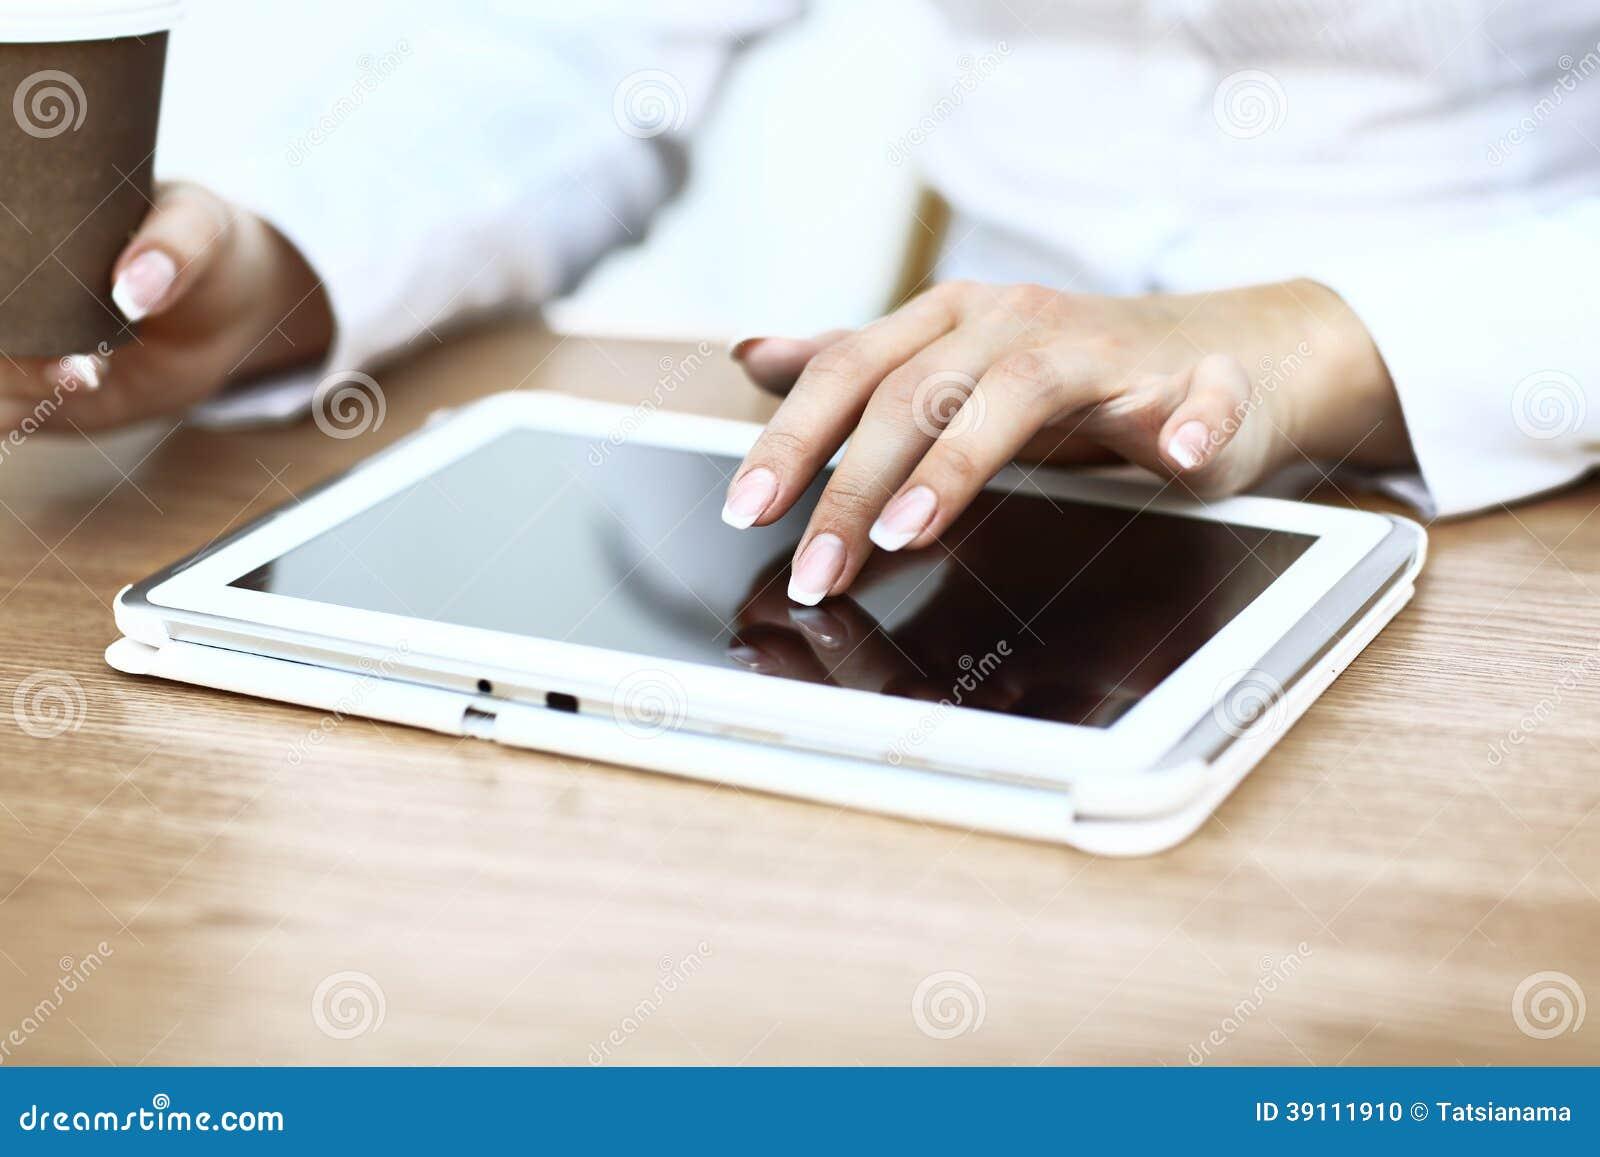 Witte tablet met het leeg scherm in de handen